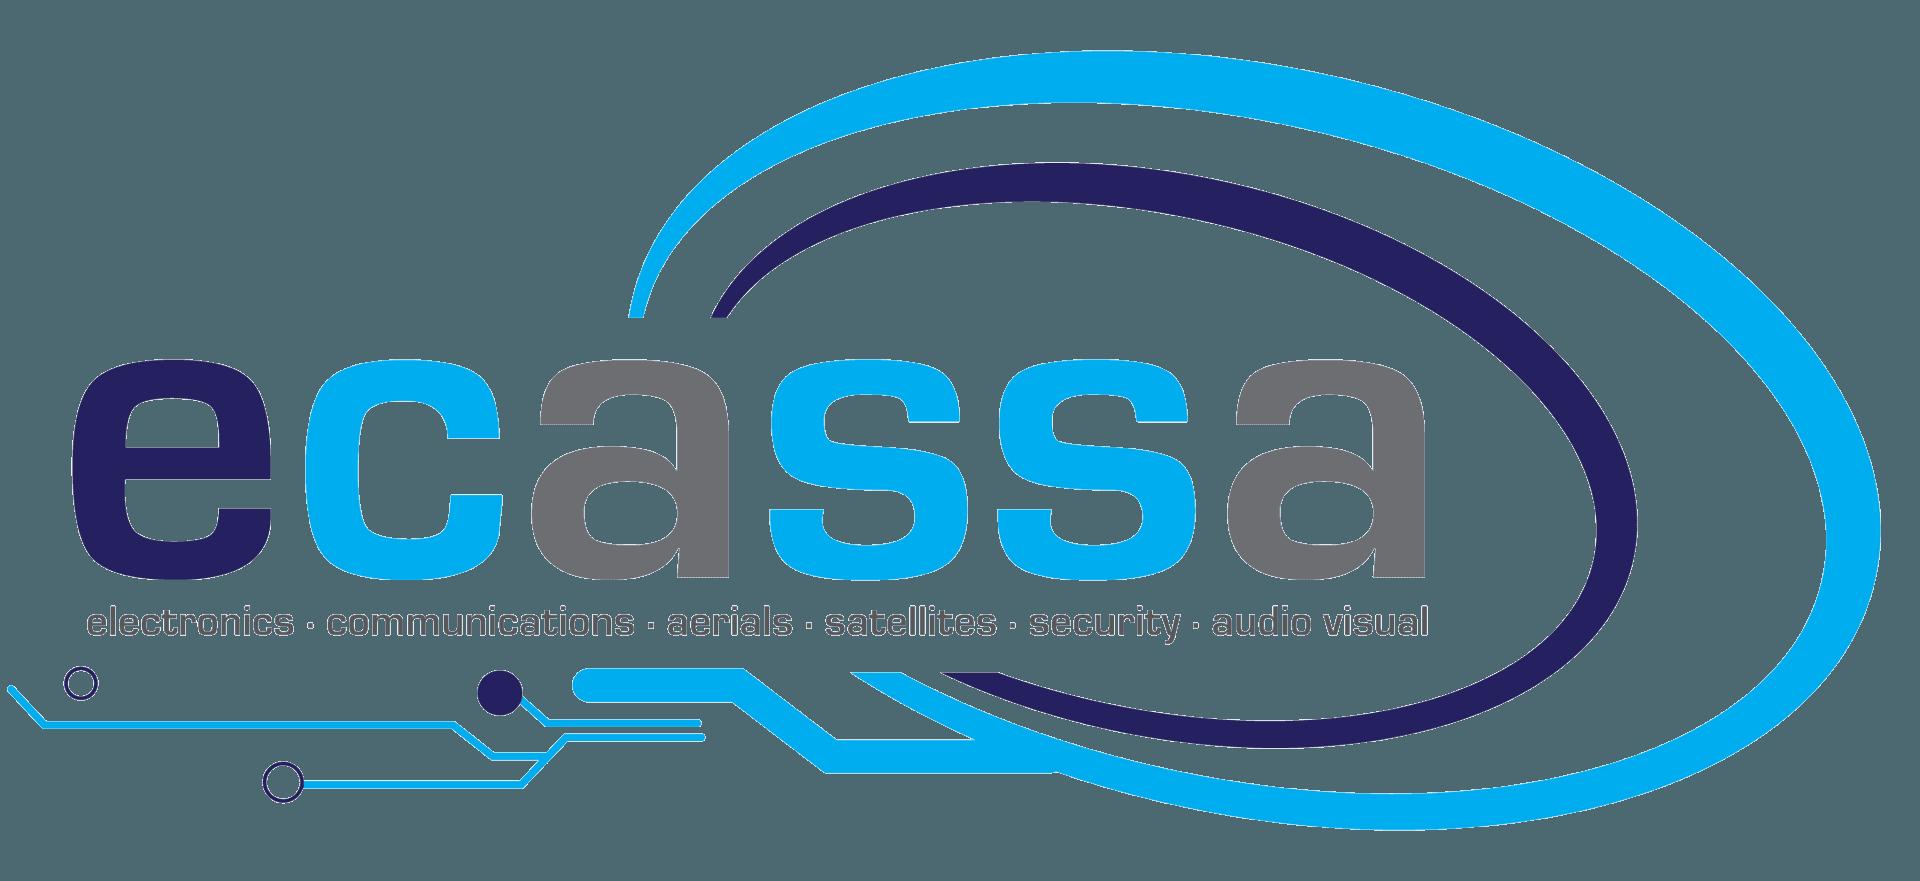 Ecassa Company Logo